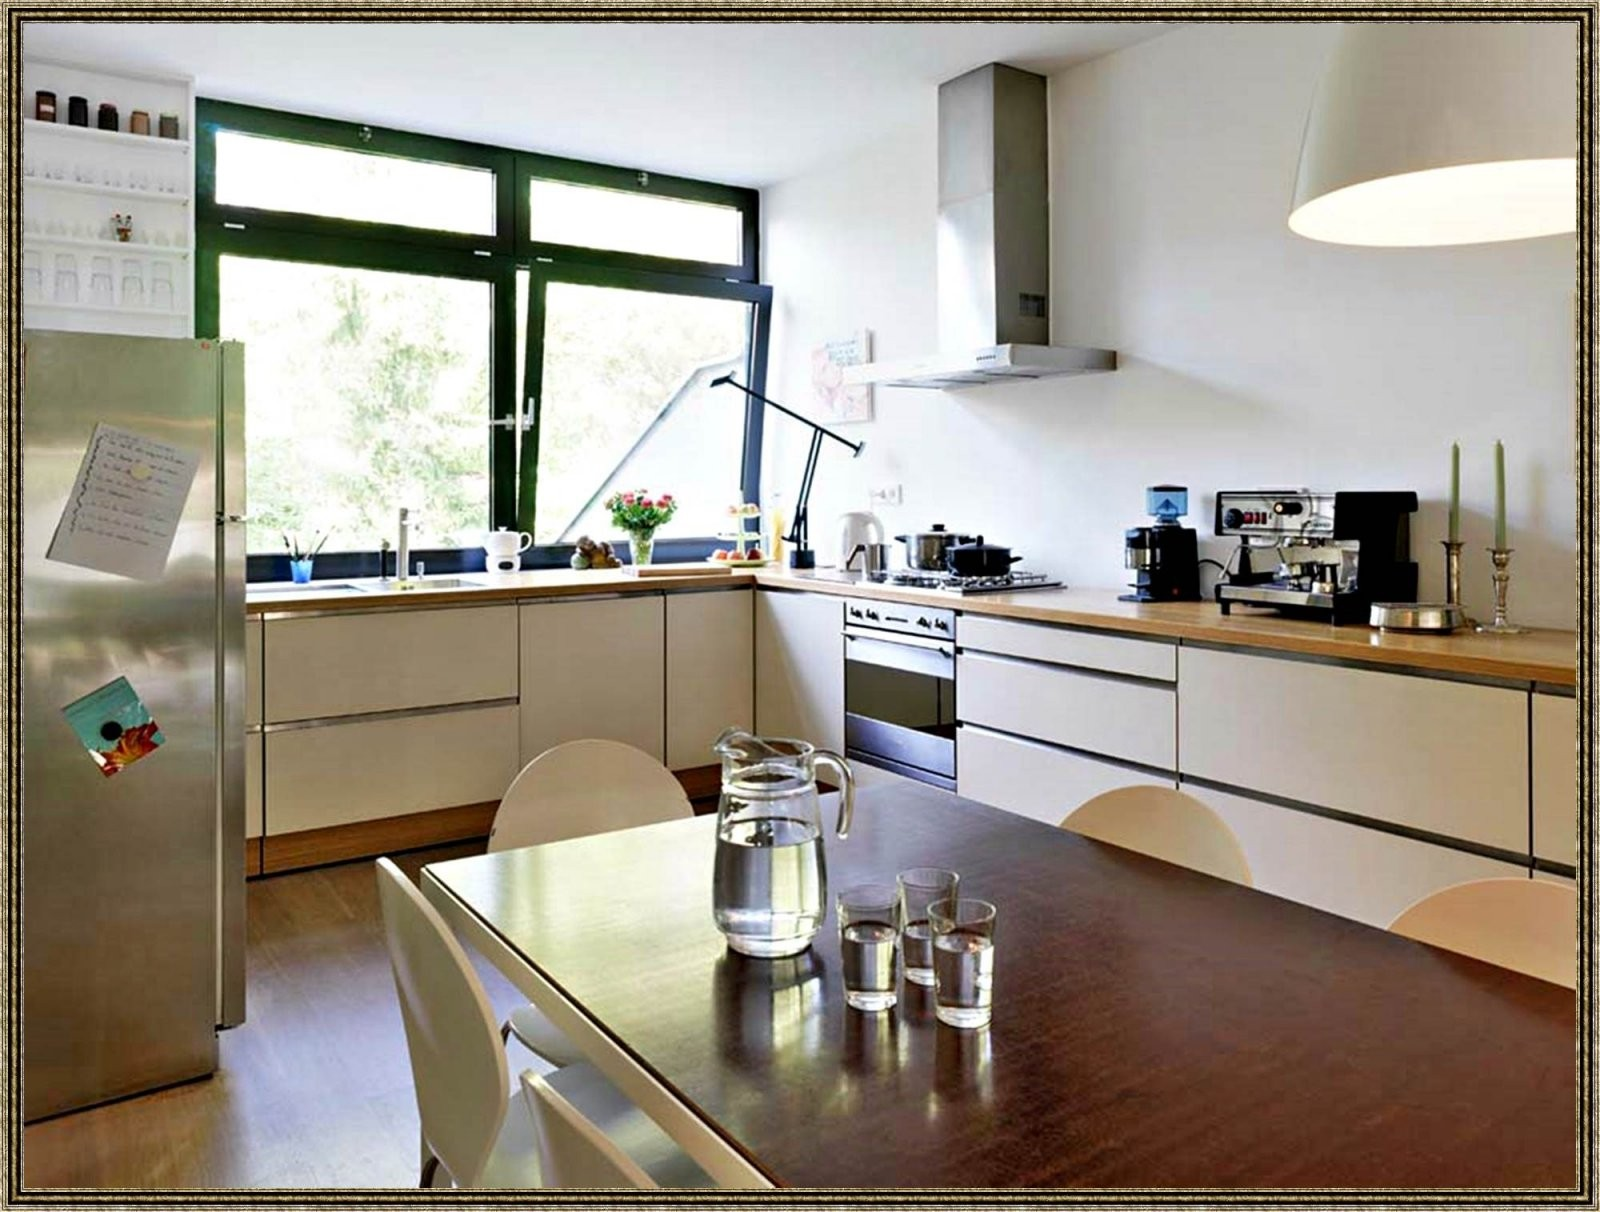 Fabelhaft Kleine Küche Ohne Oberschränke Ideen 1011 von Beleuchtung Küche Ohne Oberschränke Photo